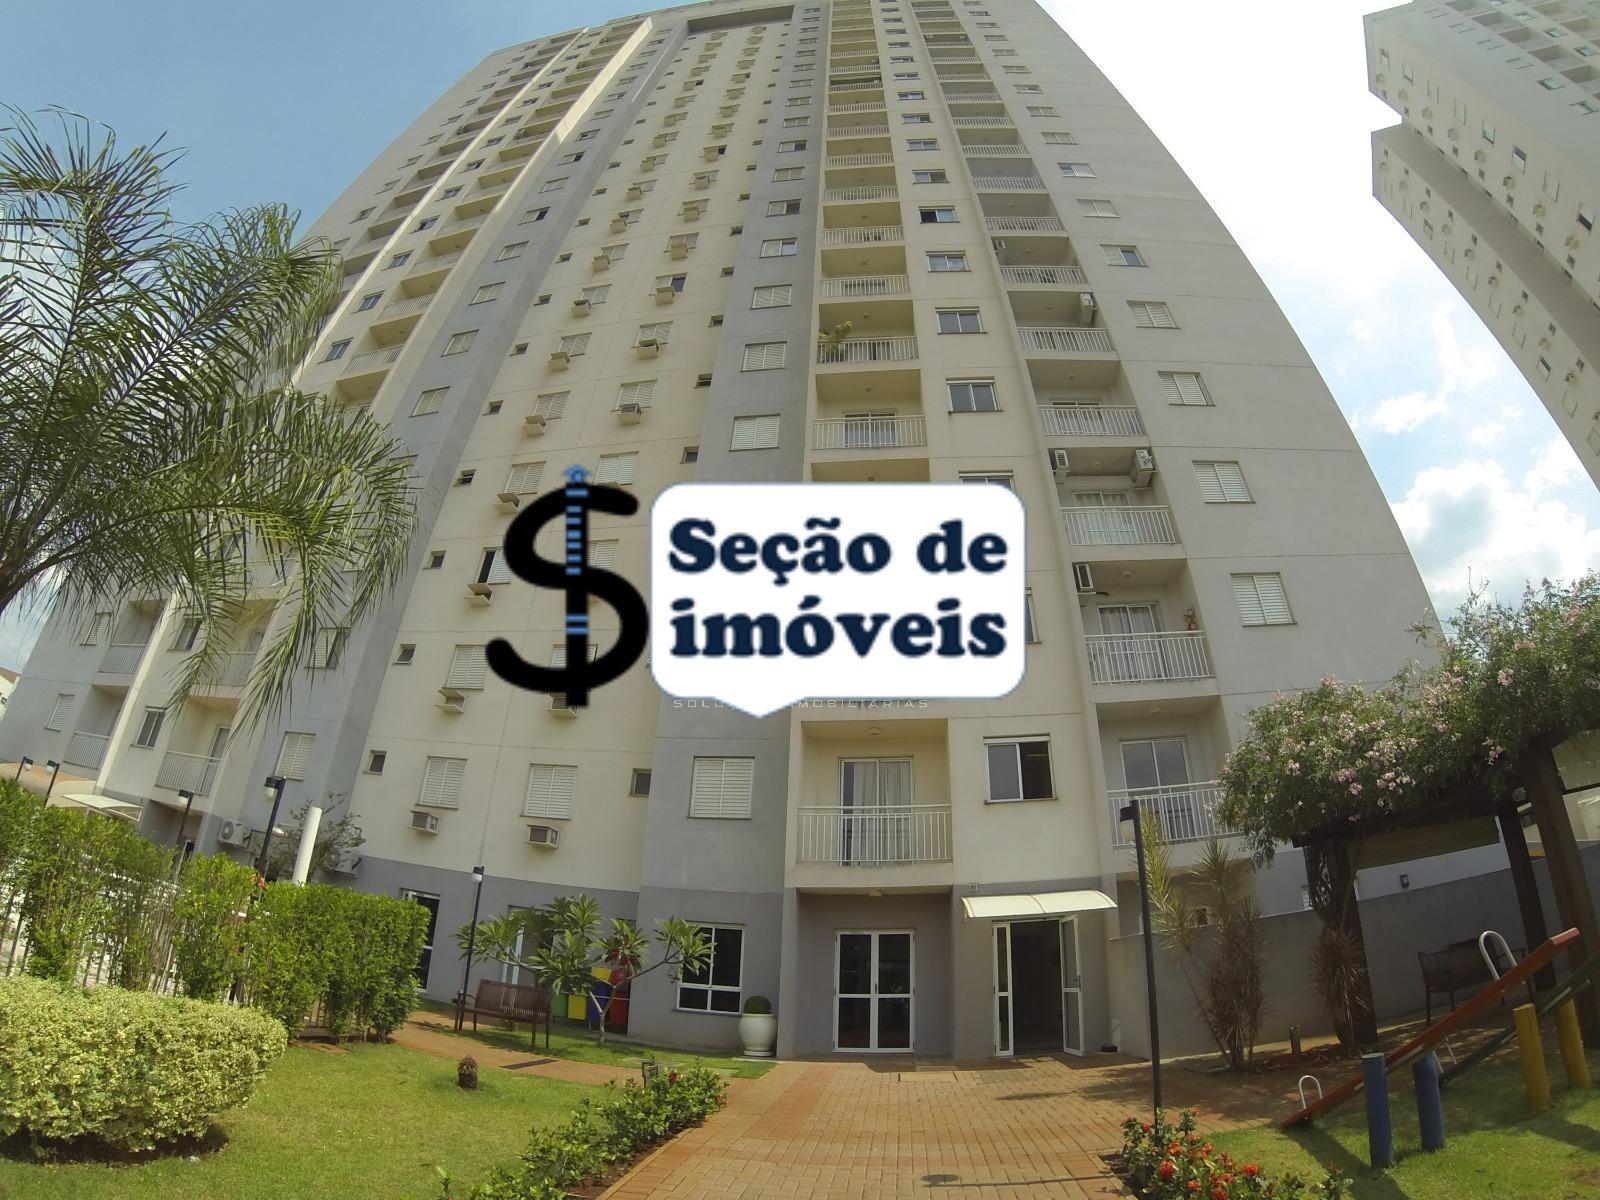 358 - Apto Nova Aliança 58 m²